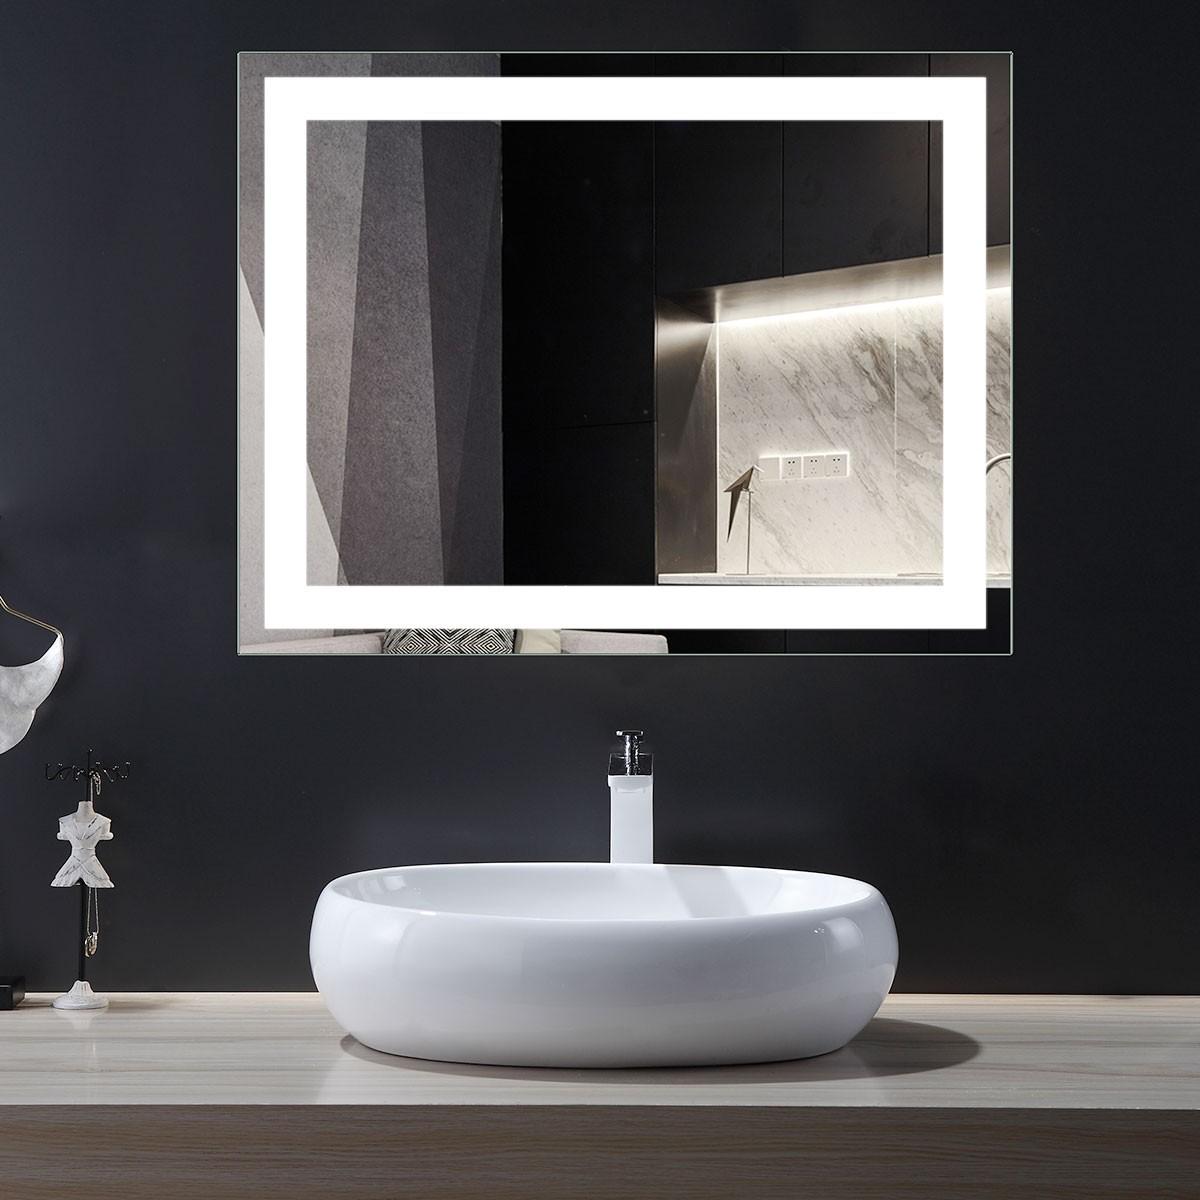 36 x 28 po miroir de salle de bain LED avec capteur infrarouge (DK-OD-CK010-IG)